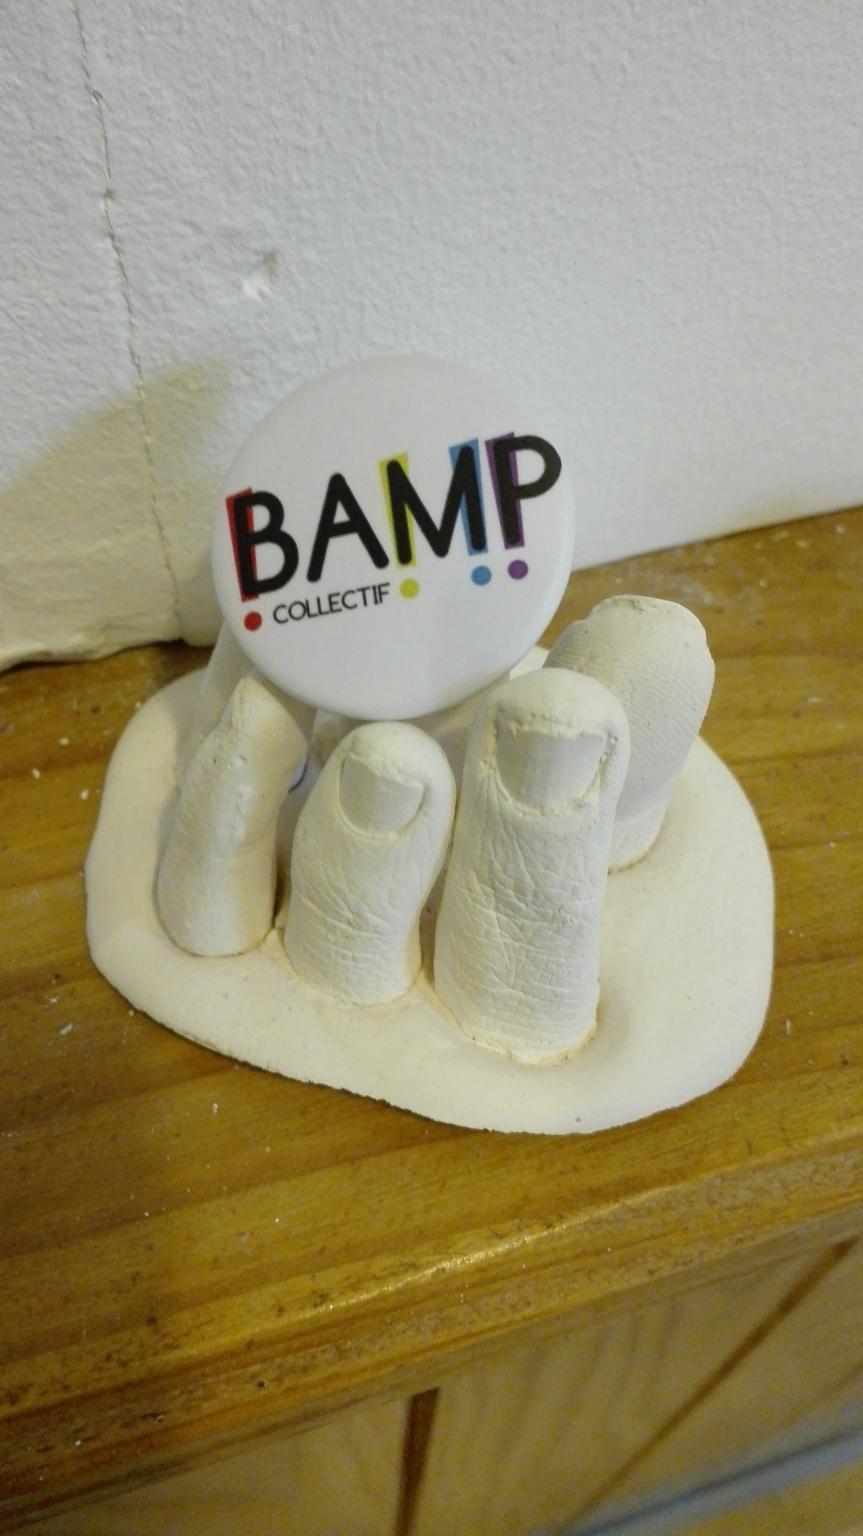 A.G. BAMP !